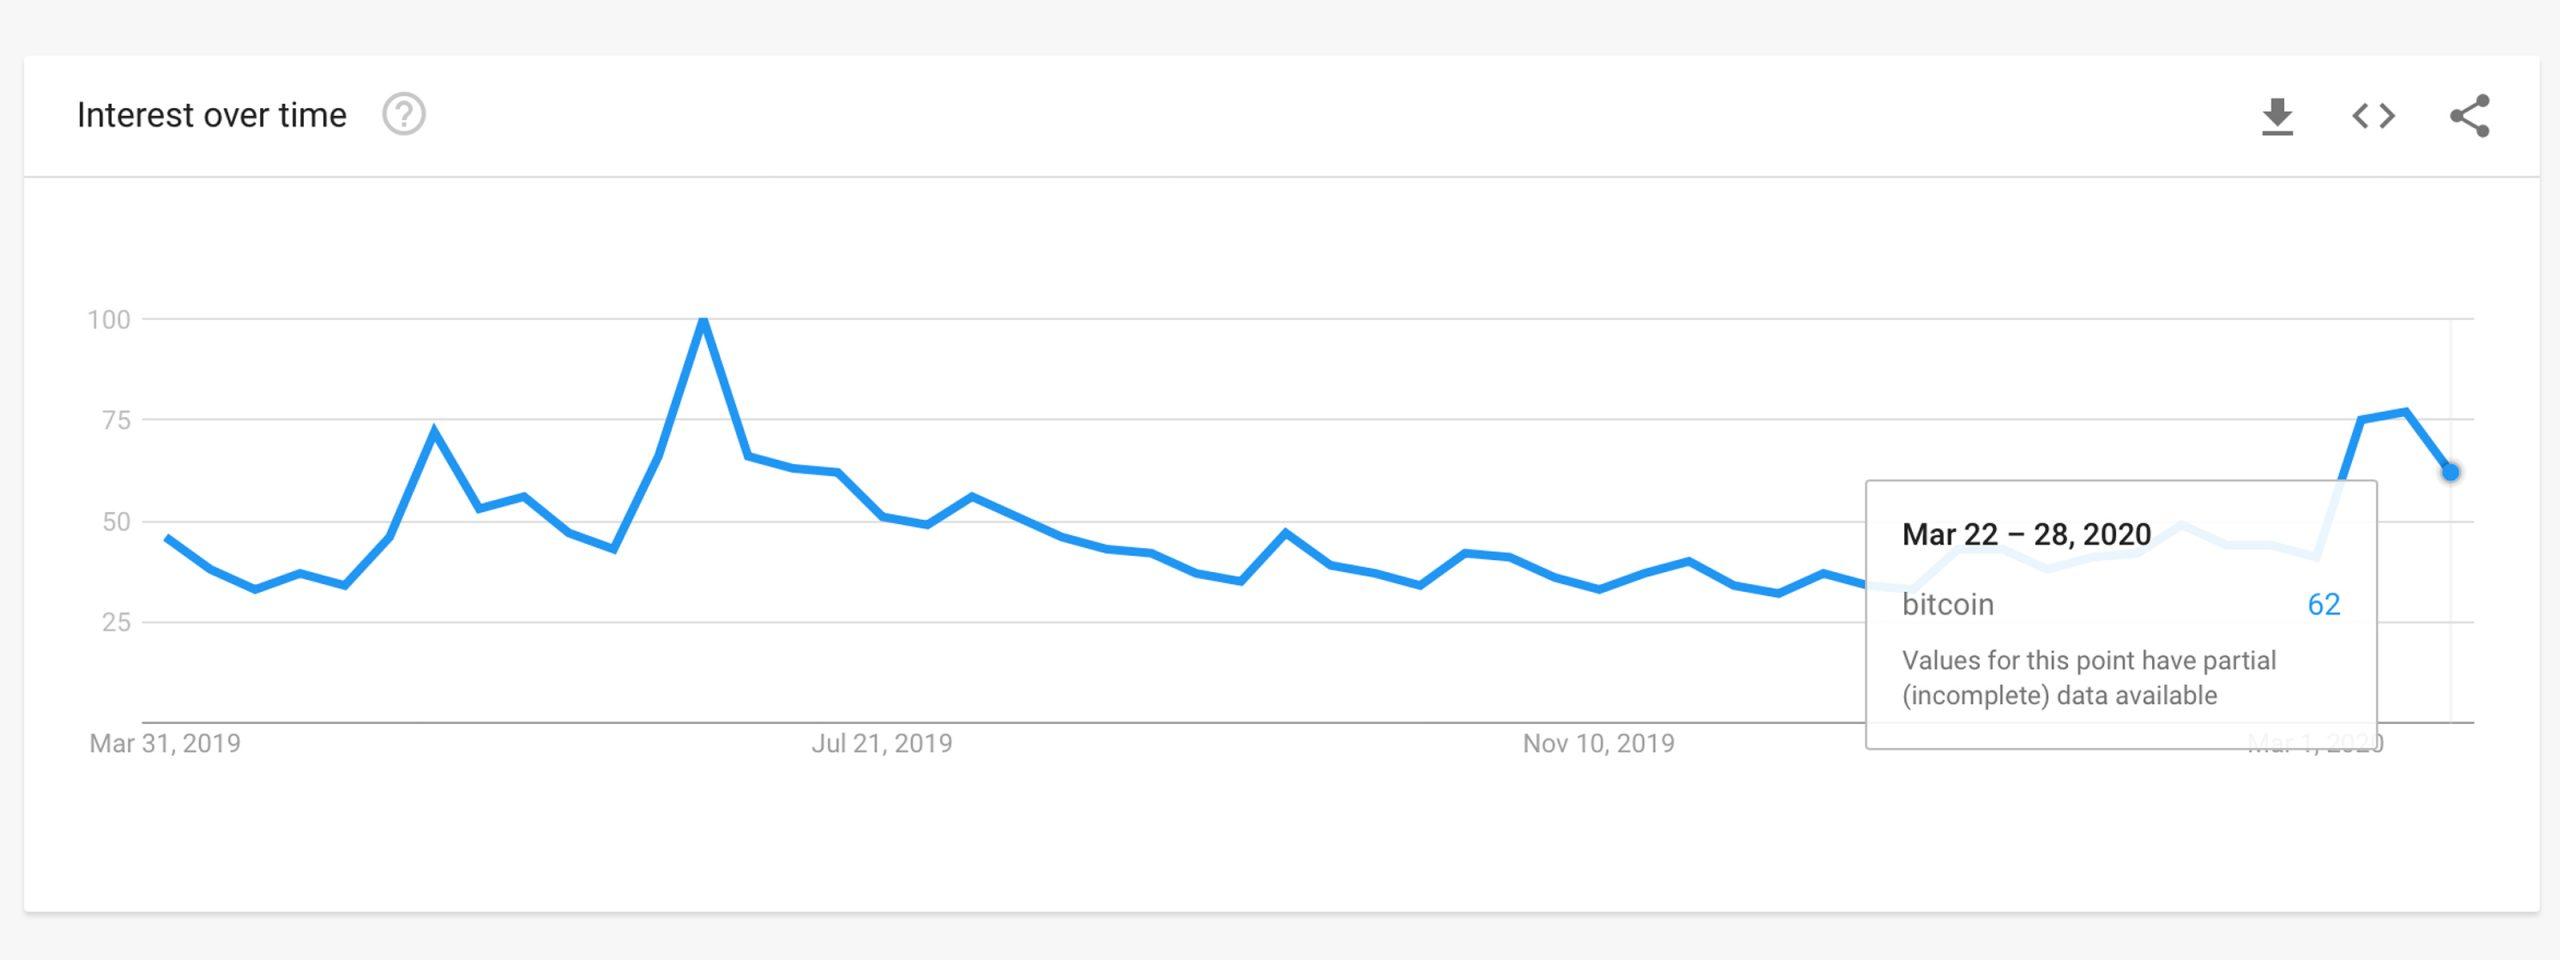 """'What Bitcoin Did' - Escaneando las palabras clave de criptomonedas más populares y búsquedas en Google """" ancho = """"2560"""" altura = """"960"""" srcset = """"https://blackswanfinances.com/wp-content/uploads/2020/03/gttrends-scaled.jpg 2560w, https://news.bitcoin.com/ wp-content / uploads / 2020/03 / gttrends-300x113.jpg 300w, https://news.bitcoin.com/wp-content/uploads/2020/03/gttrends-1024x384.jpg 1024w, https: // noticias. bitcoin.com/wp-content/uploads/2020/03/gttrends-768x288.jpg 768w, https://news.bitcoin.com/wp-content/uploads/2020/03/gttrends-1536x576.jpg 1536w, https: //news.bitcoin.com/wp-content/uploads/2020/03/gttrends-2048x768.jpg 2048w, https://news.bitcoin.com/wp-content/uploads/2020/03/gttrends-696x261.jpg 696w, https://news.bitcoin.com/wp-content/uploads/2020/03/gttrends-1392x522.jpg 1392w, https://news.bitcoin.com/wp-content/uploads/2020/ 03 / gttrends-1068x401.jpg 1068w, https://news.bitcoin.com/wp-content/uploads/2020/03/gttrends-1120x420.jpg 1120w, https://news.bitcoin.com/wp-content/ uploads / 2020/03 / gttrends-1920x720.jpg 1920w """"tamaños ="""" (ancho máximo: 2560px) 100vw, 2560px"""